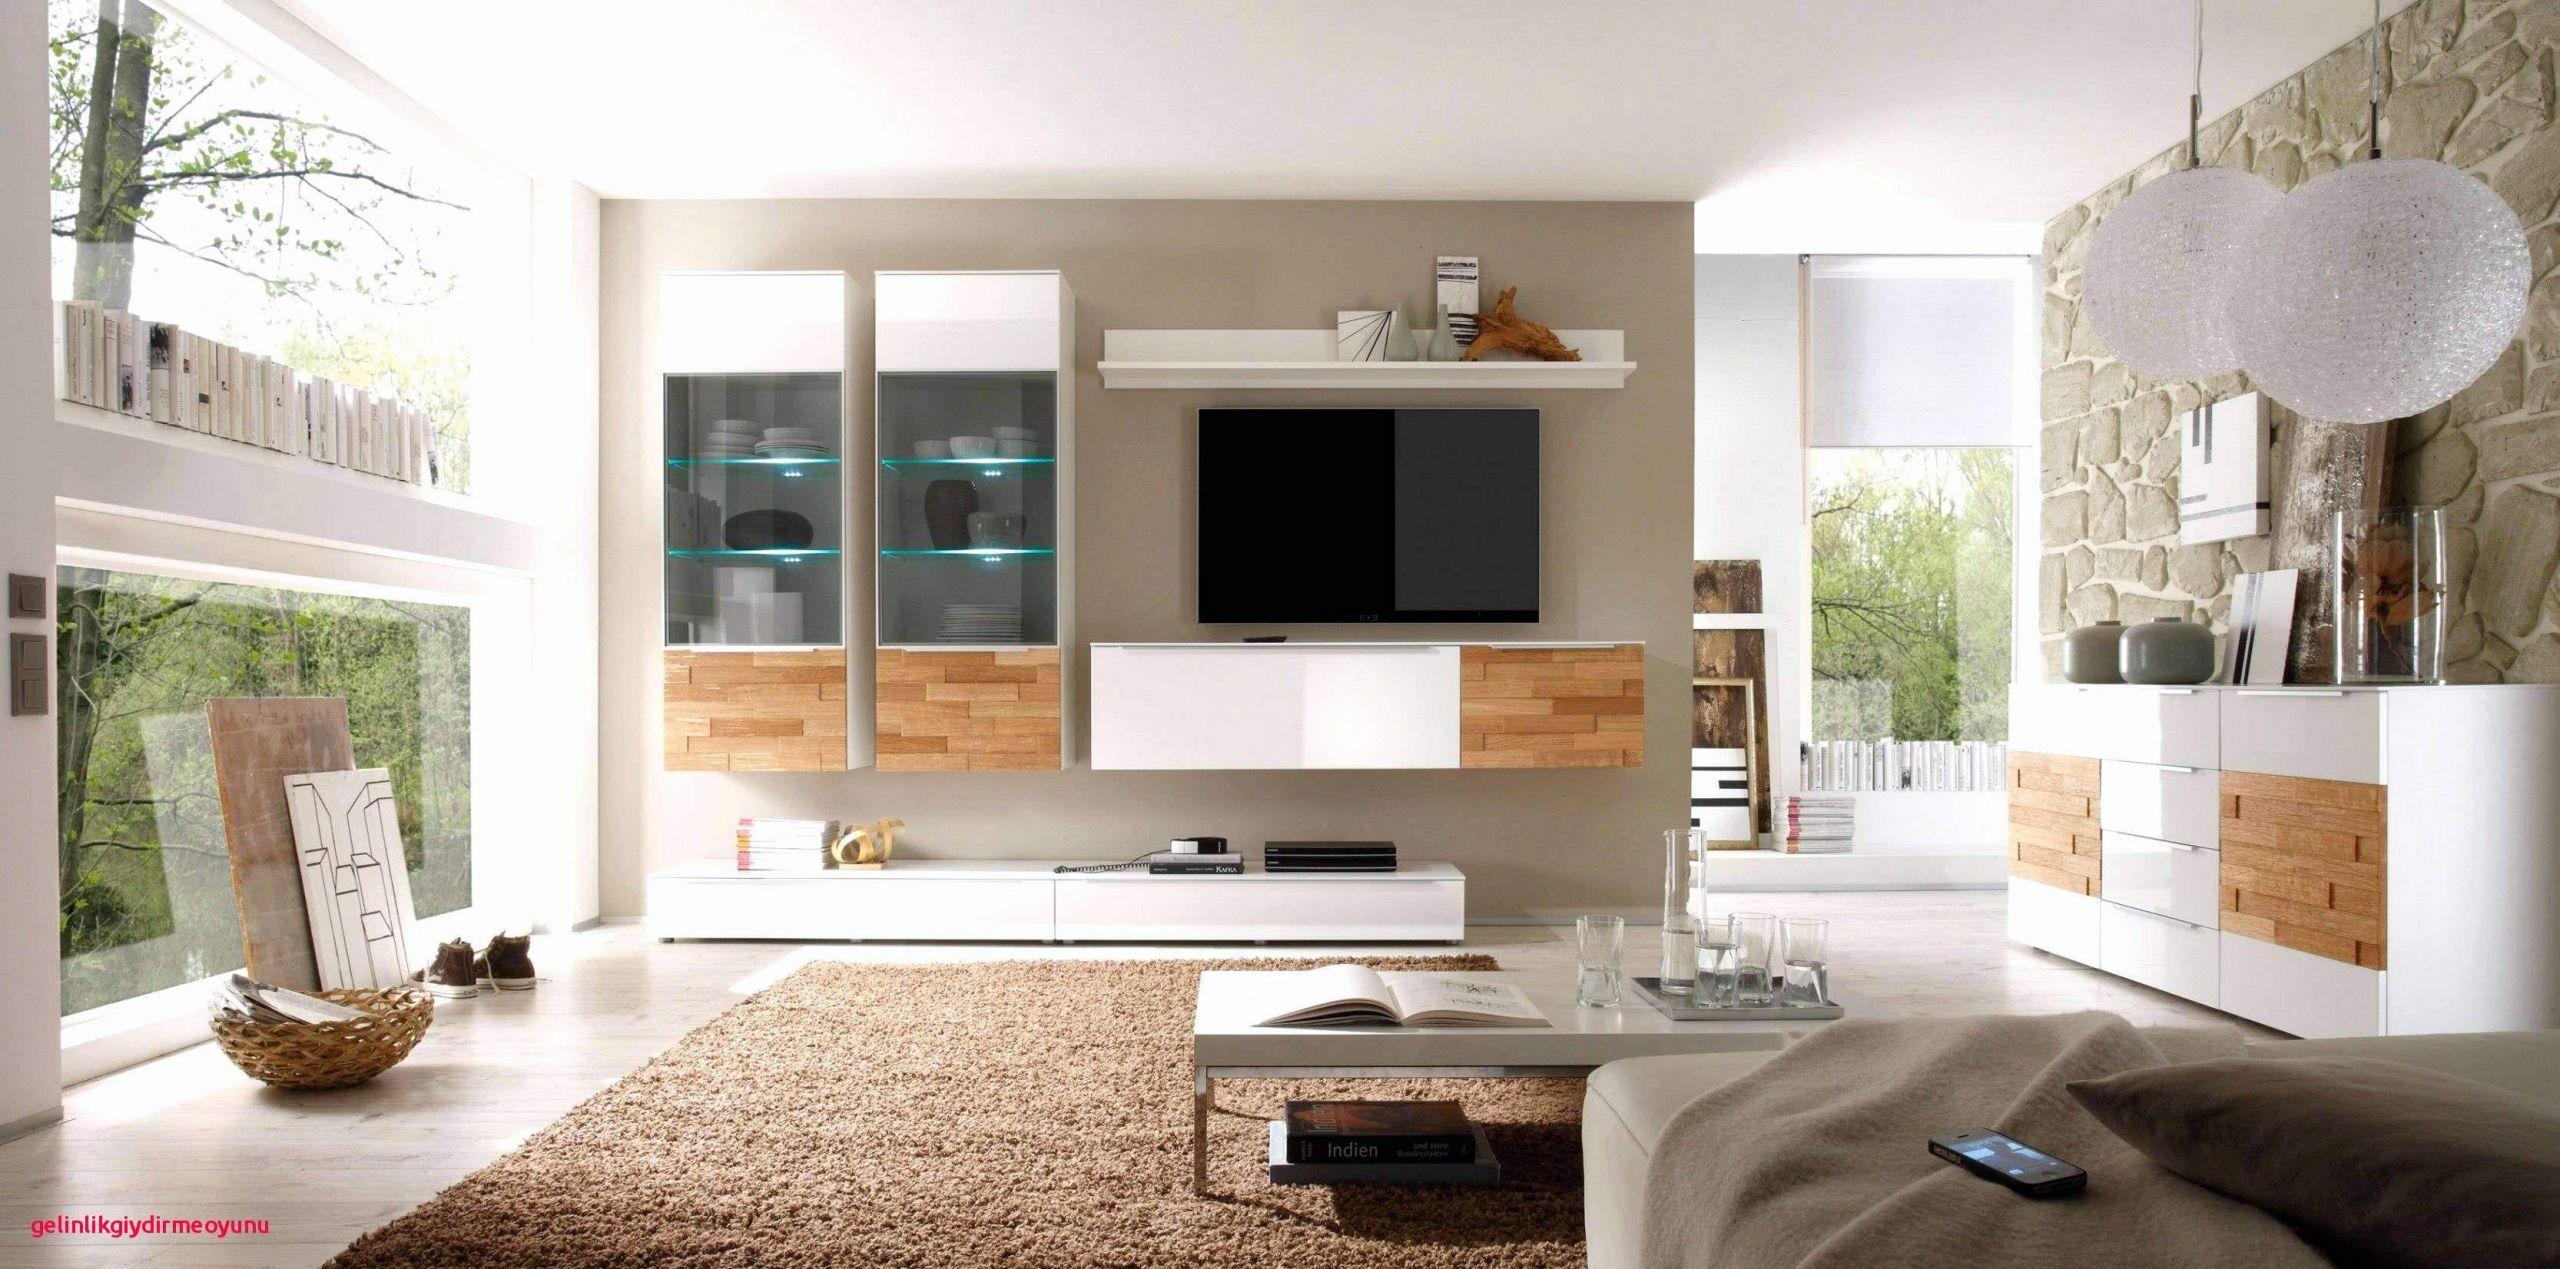 wohnzimmer deko ideen frisch deko ideen wohnzimmer holz schon of wohnzimmer deko ideen scaled